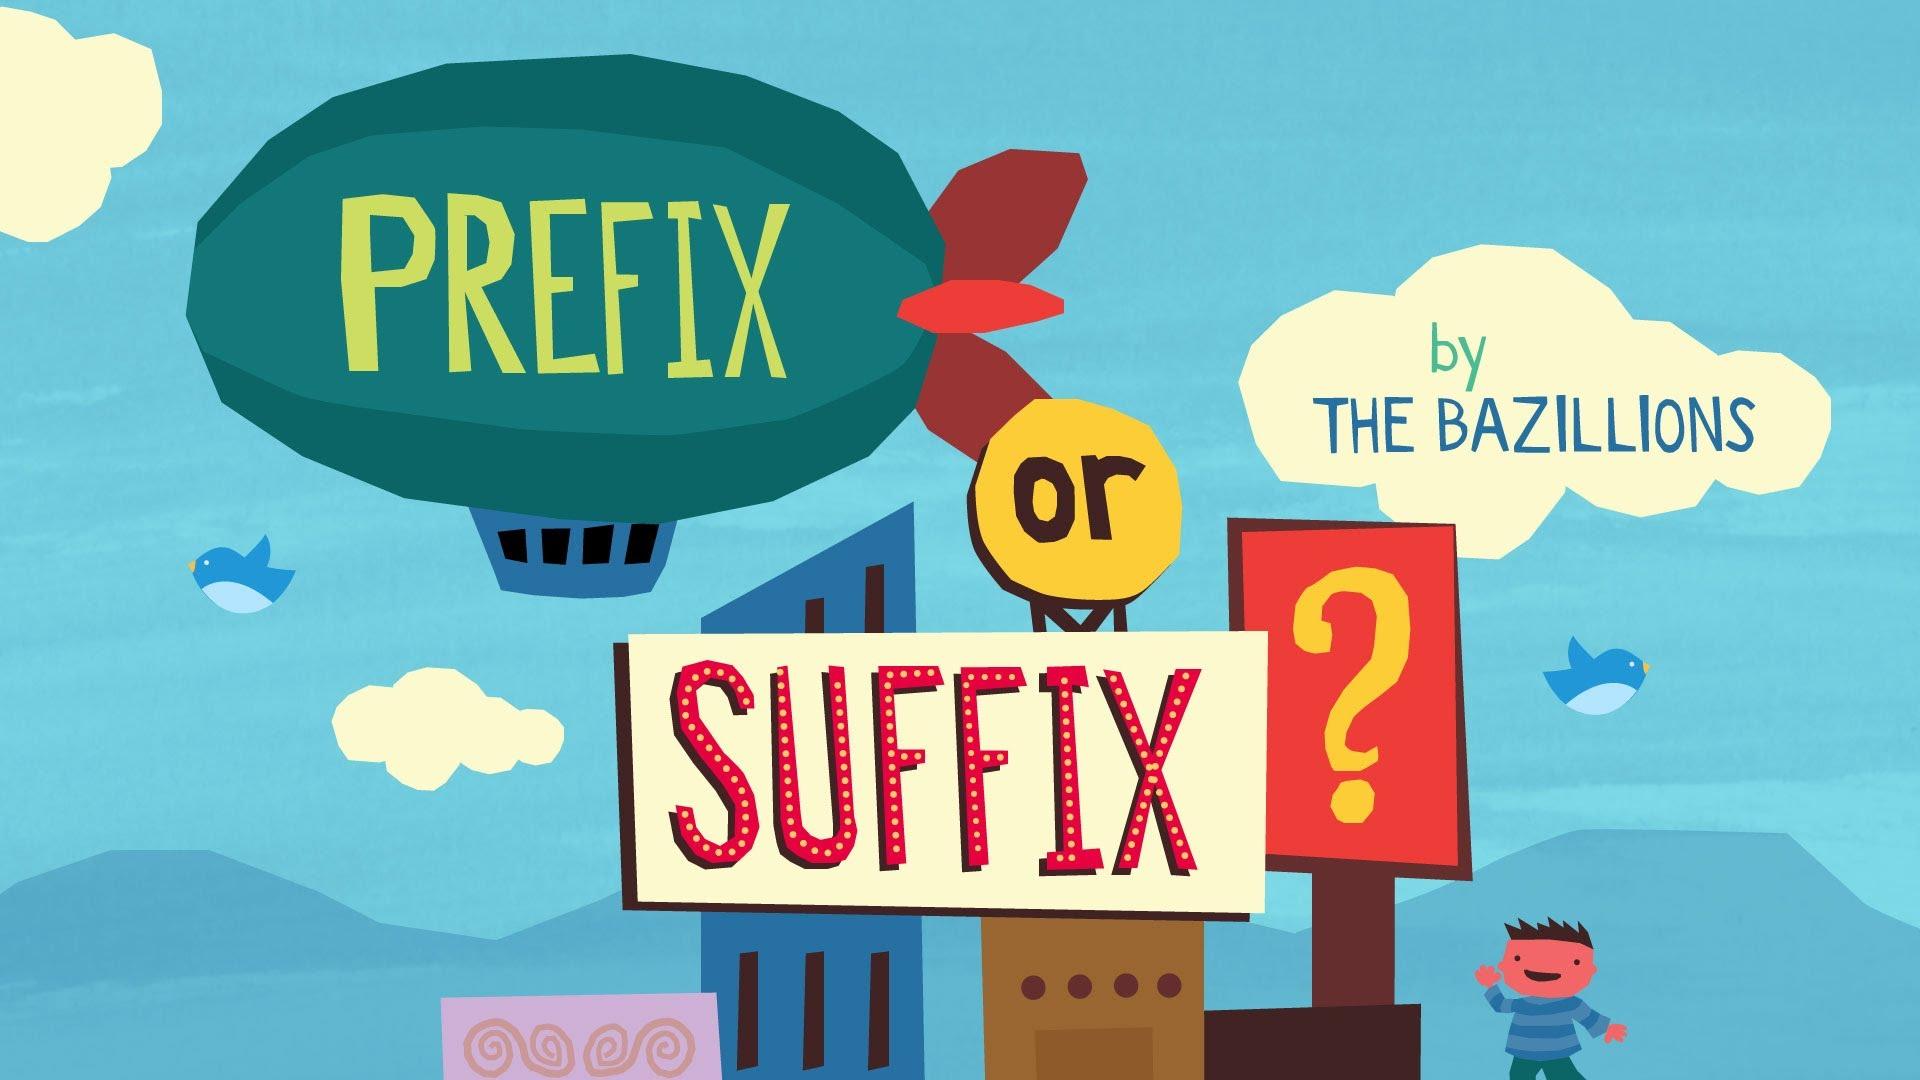 Prefix Or Suffix The Bazillions